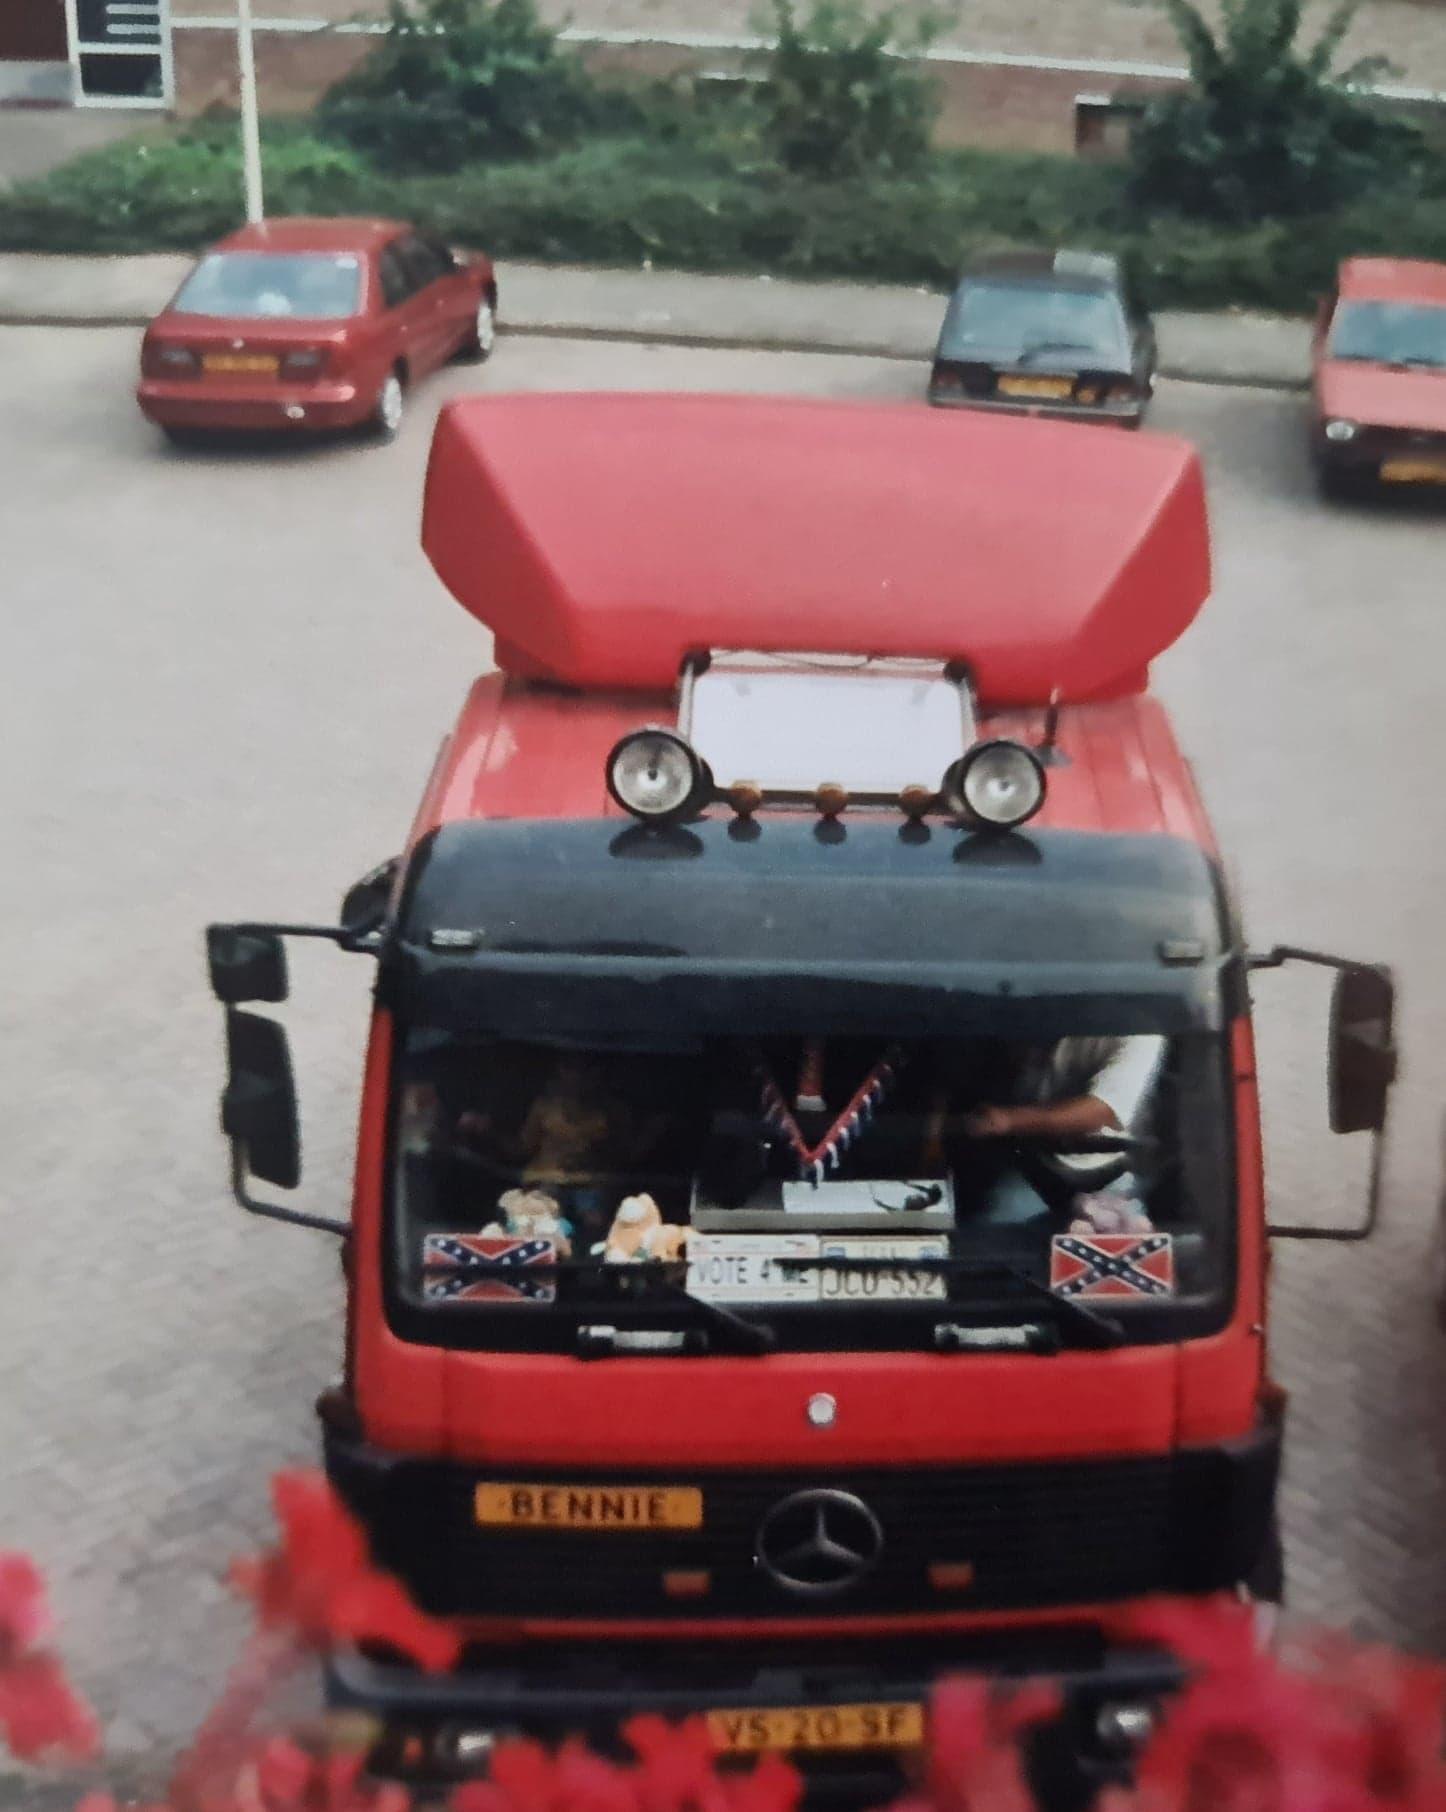 Bennie-Tijssen-met-de-Mercedes-van-de-boma-(3)